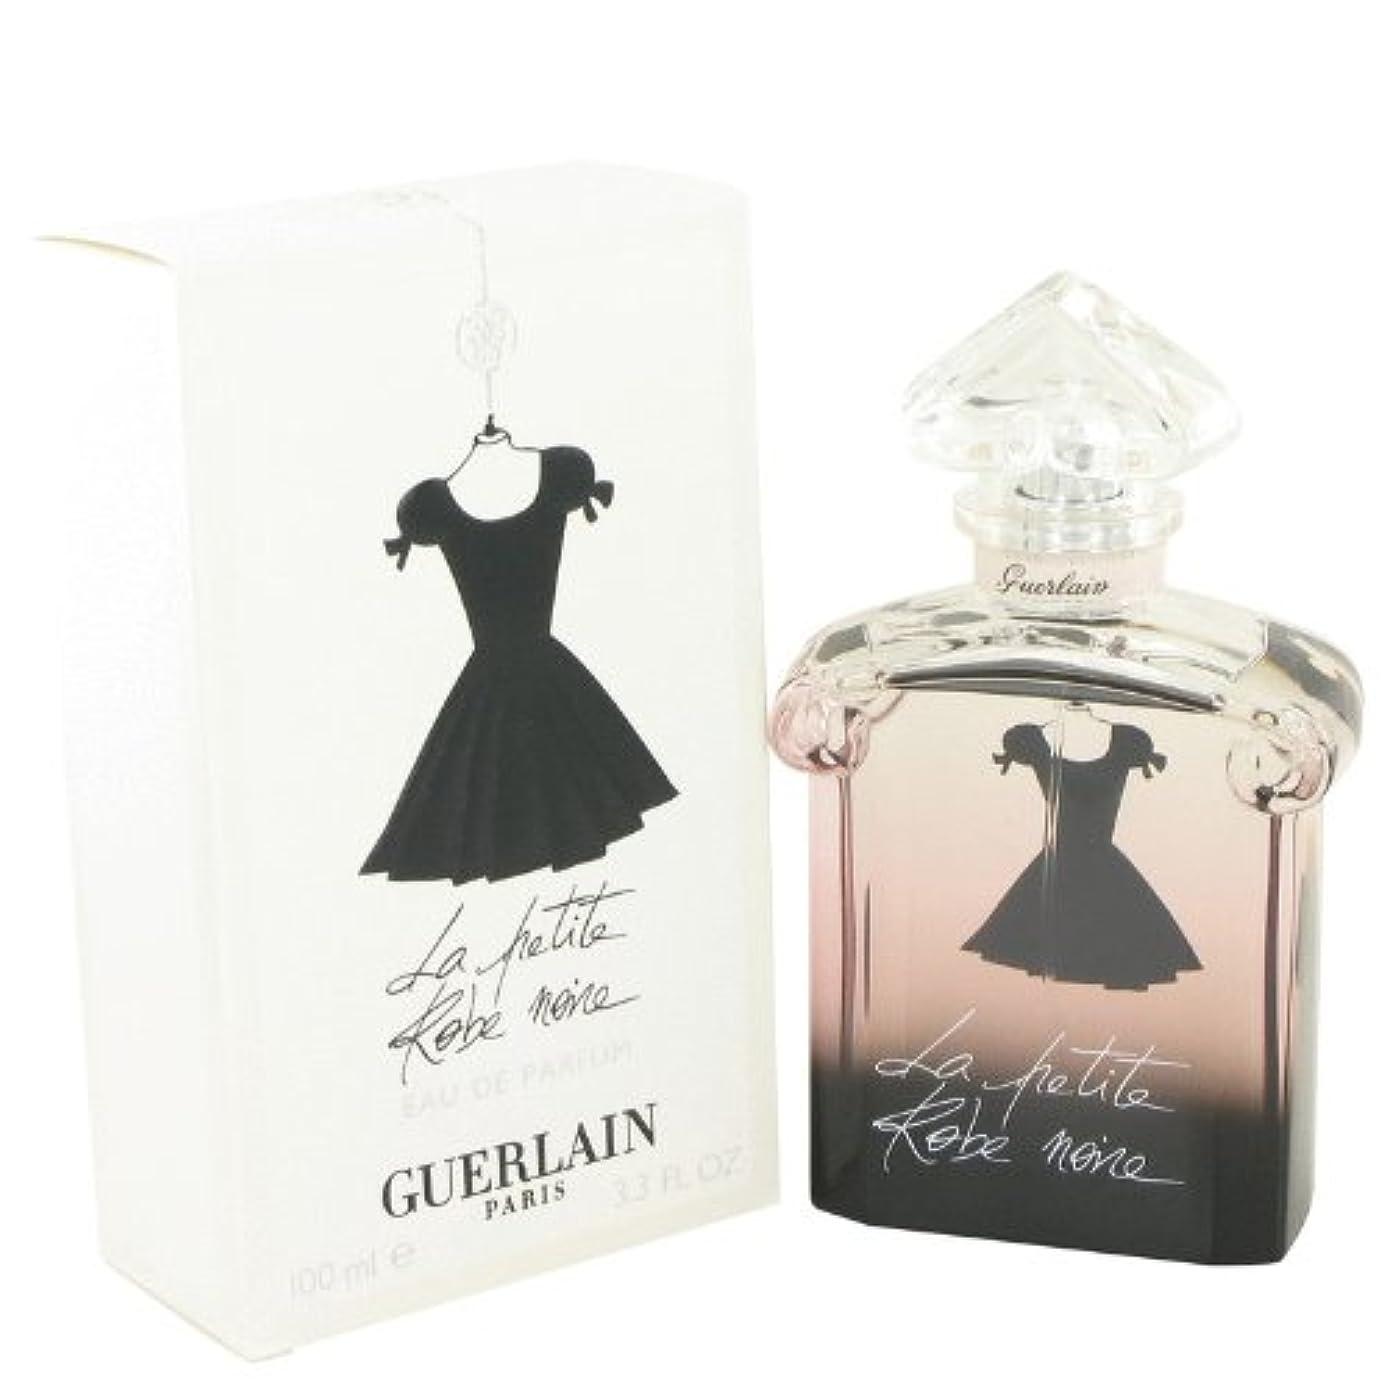 冷蔵庫列挙する一握りLa Petite Robe Noire (ラ プティ ローブ ノアー) 6.7 oz (200ml) Body Milk by Guerlain for Women